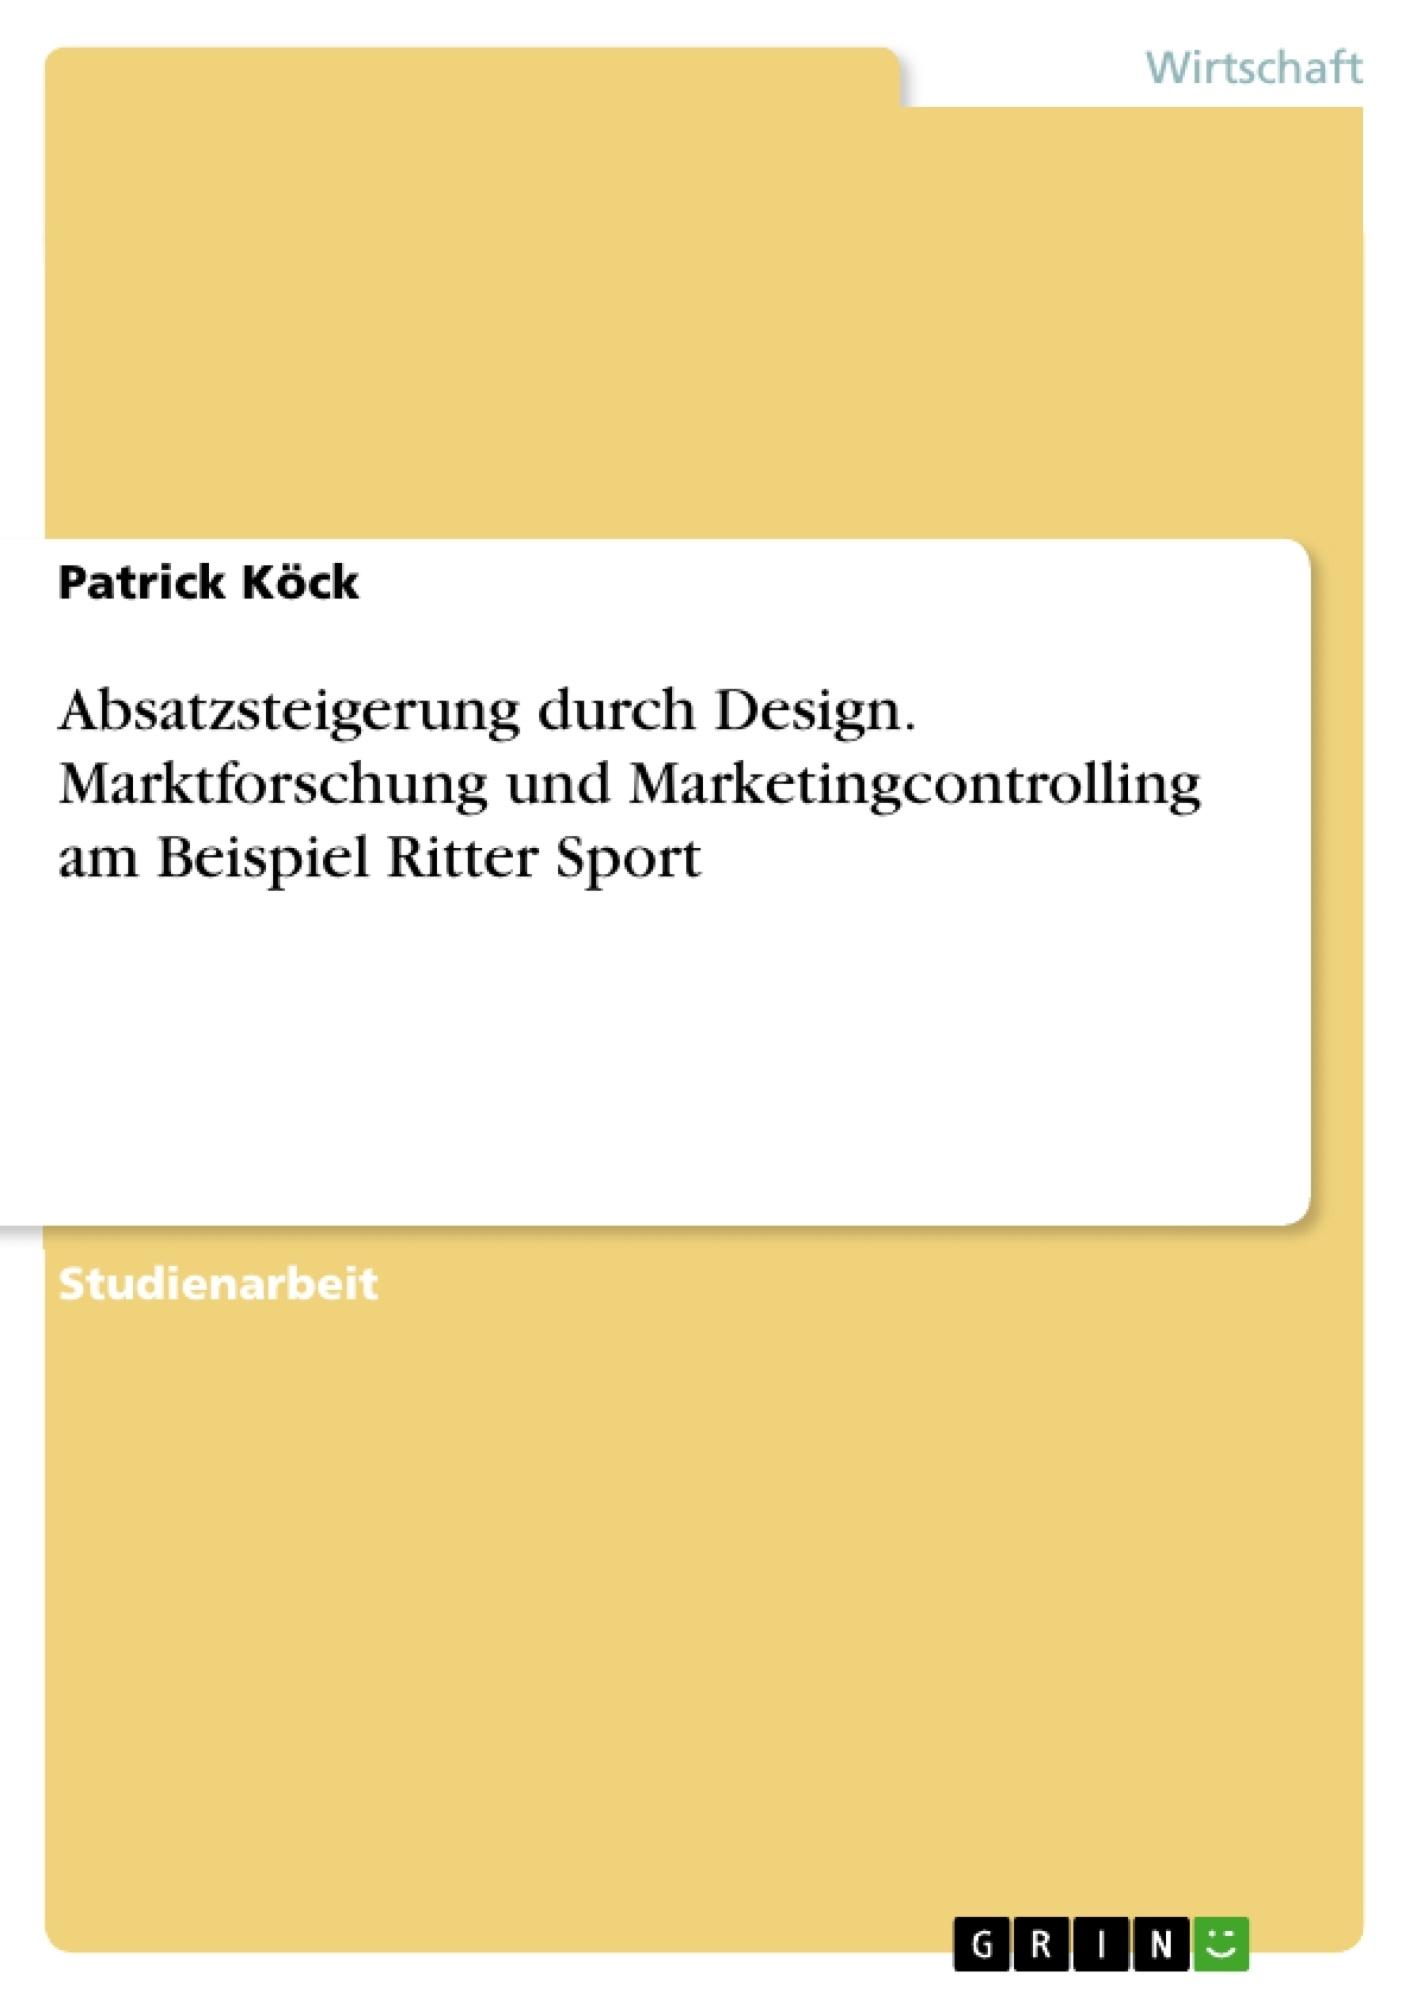 Titel: Absatzsteigerung durch Design. Marktforschung und Marketingcontrolling am Beispiel Ritter Sport